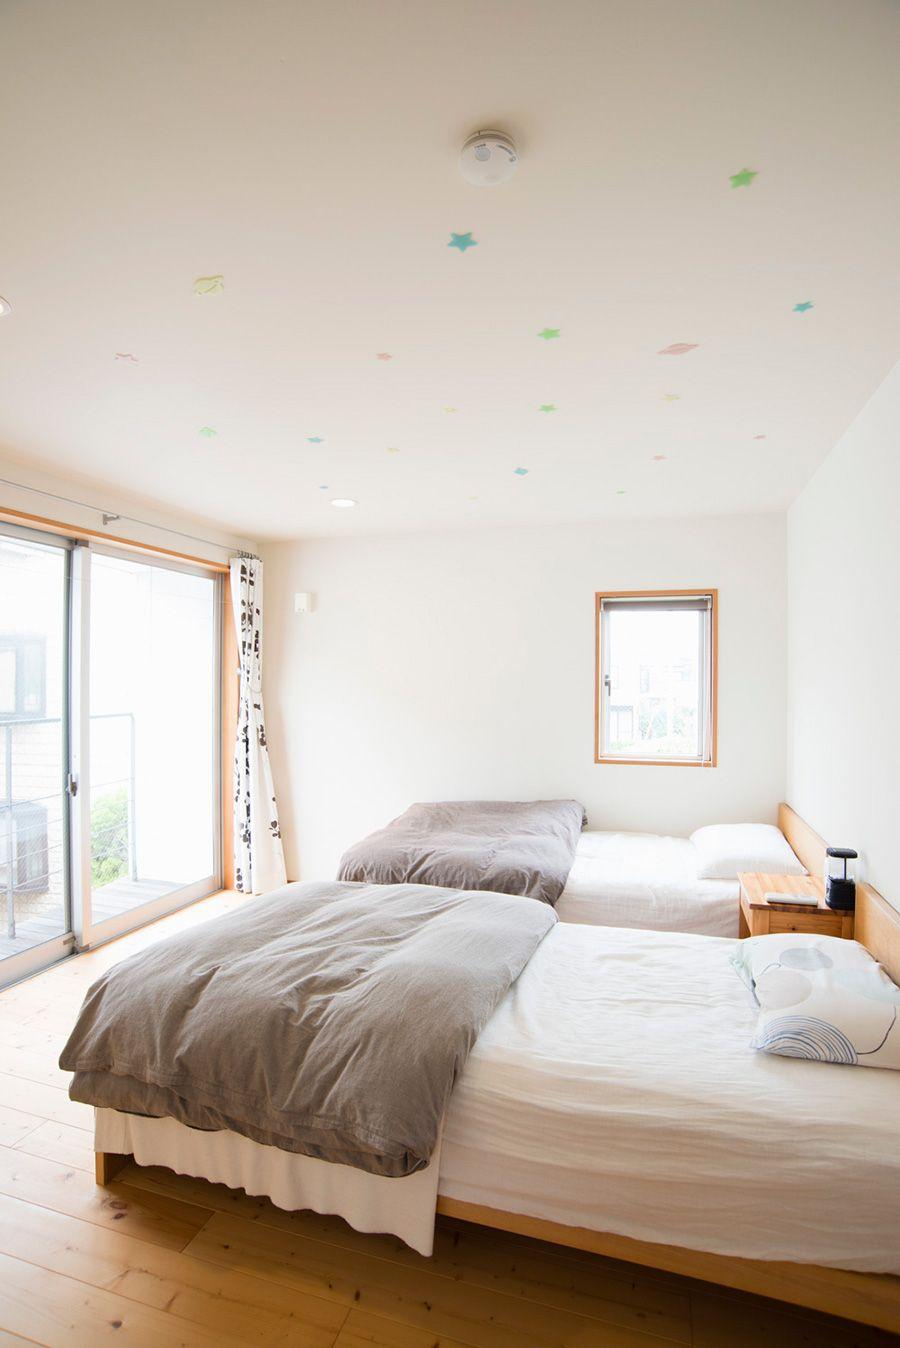 無駄を省いて快適にシンプルが美しいストレスフリーに暮らすコツ ベッドルーム インテリア インテリア 寝室 ナチュラル